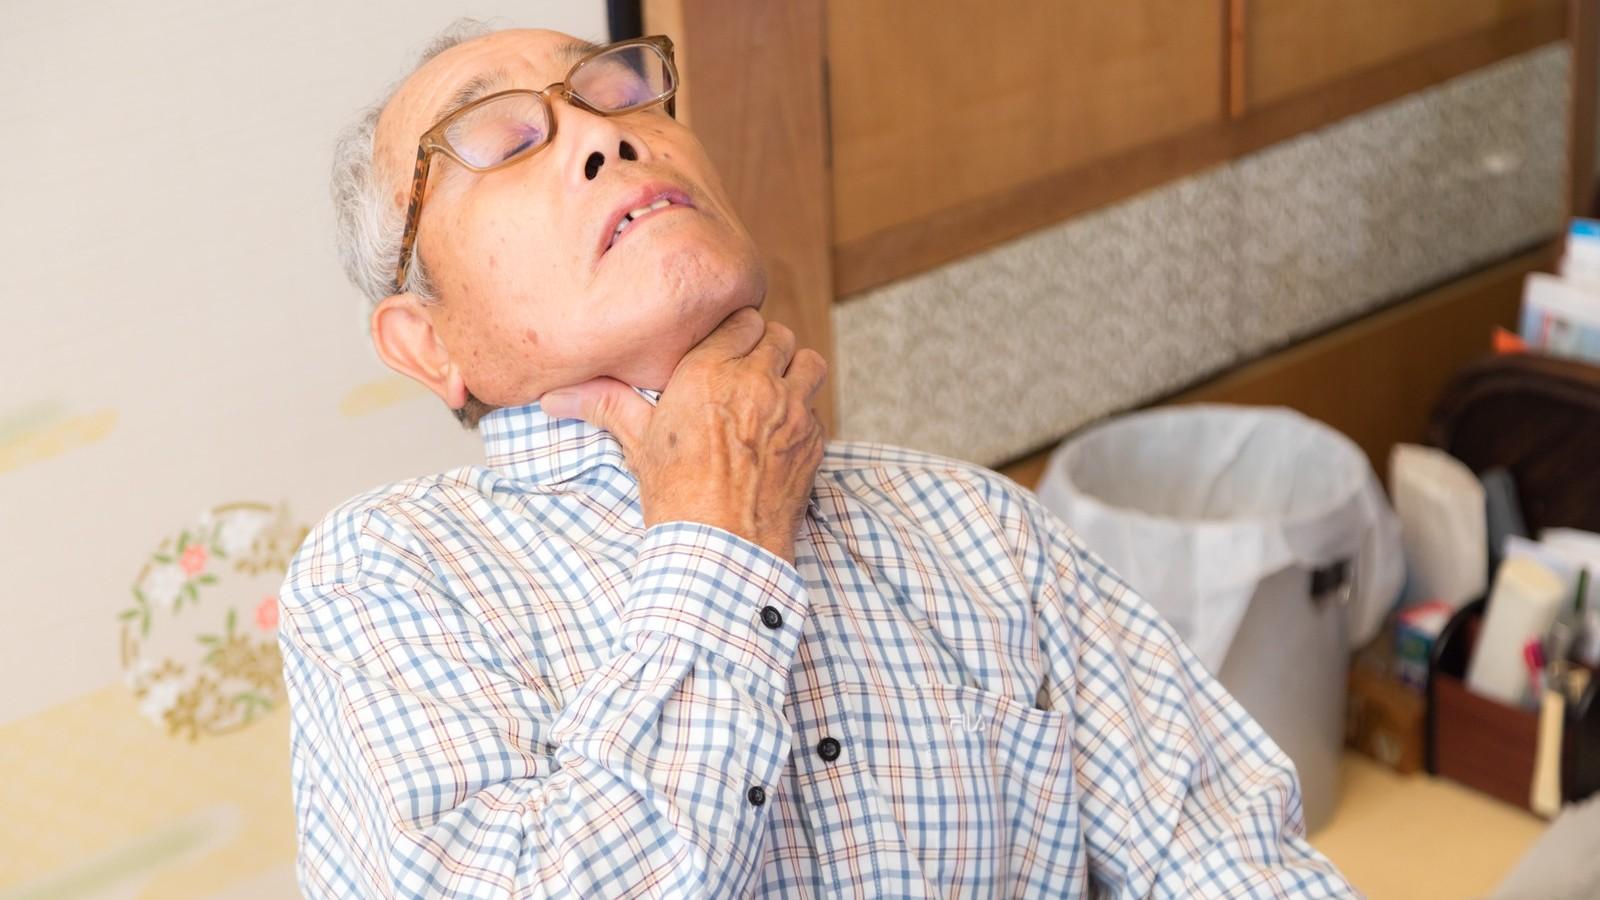 ▲老人,噎到,昏倒。(圖/取自免費圖庫Pakutaso)